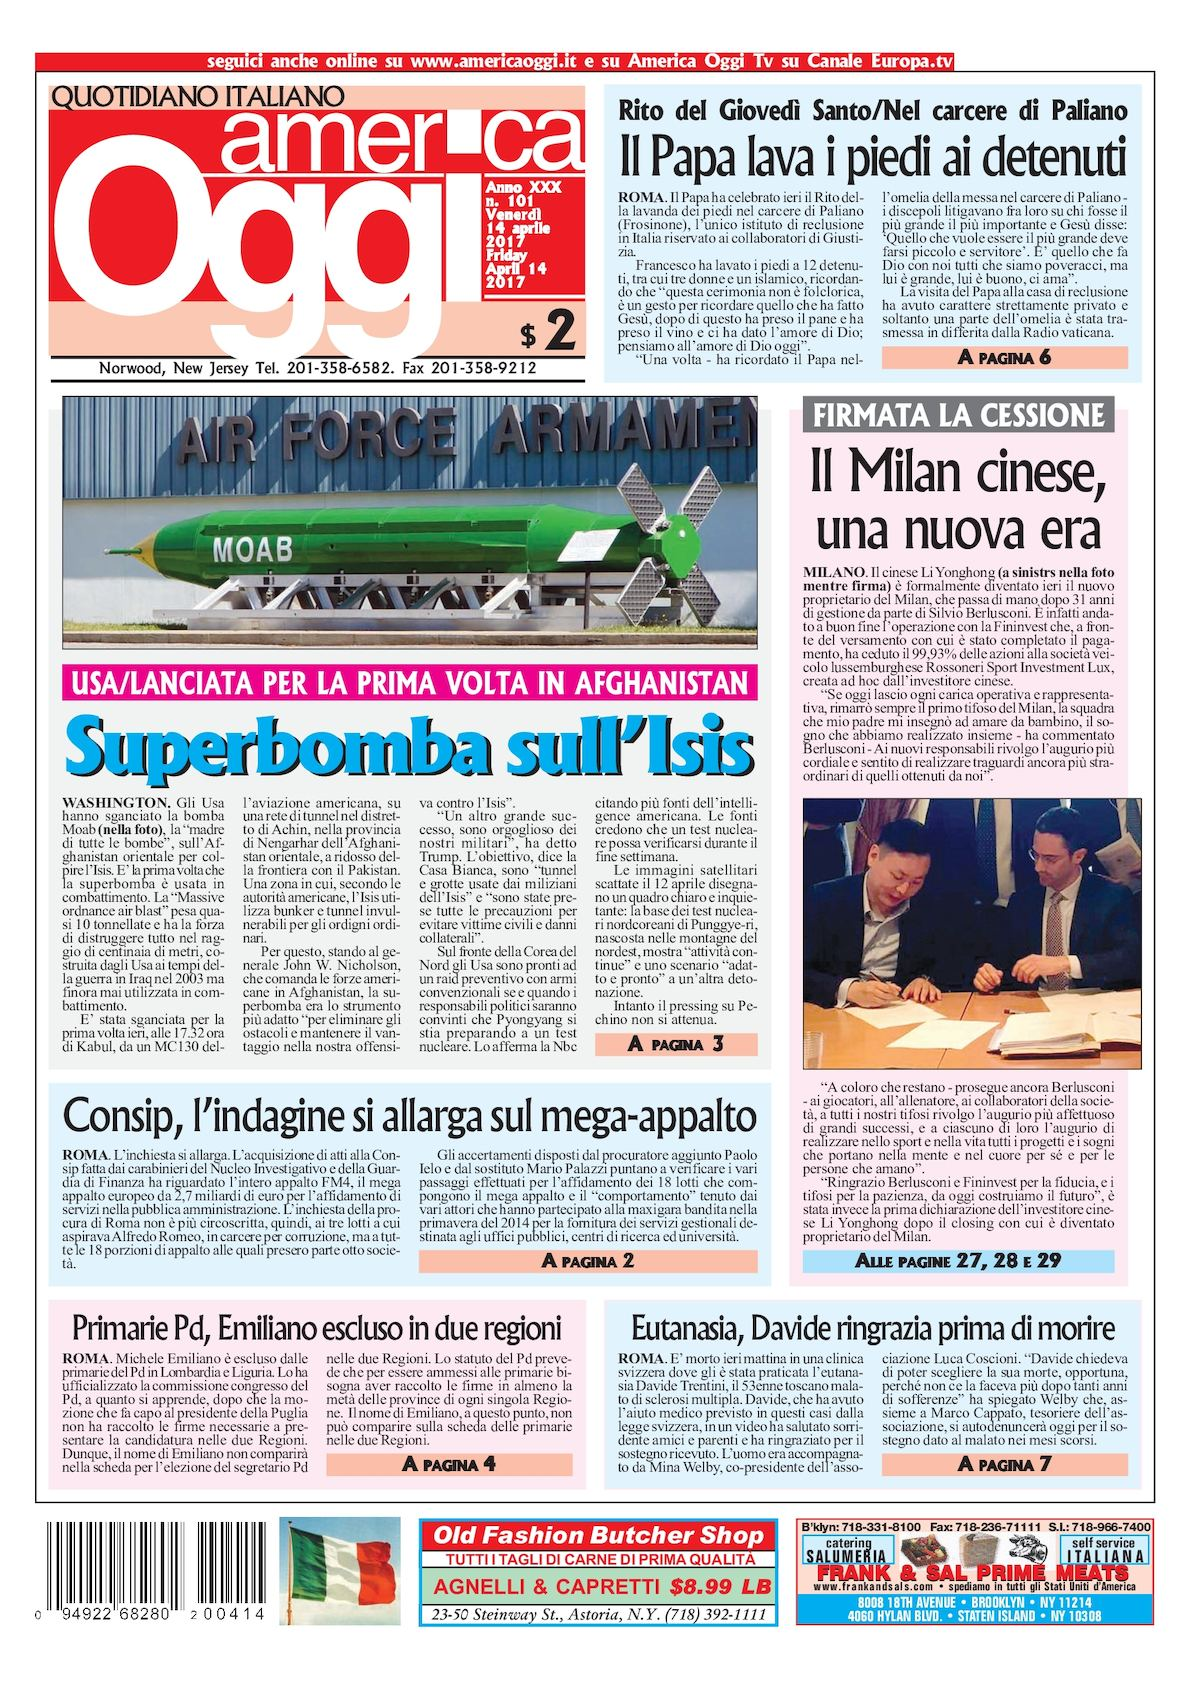 COVER IPHONE 7 PERSONAGGI FONDO BIANCO - Linea bambini Milanello